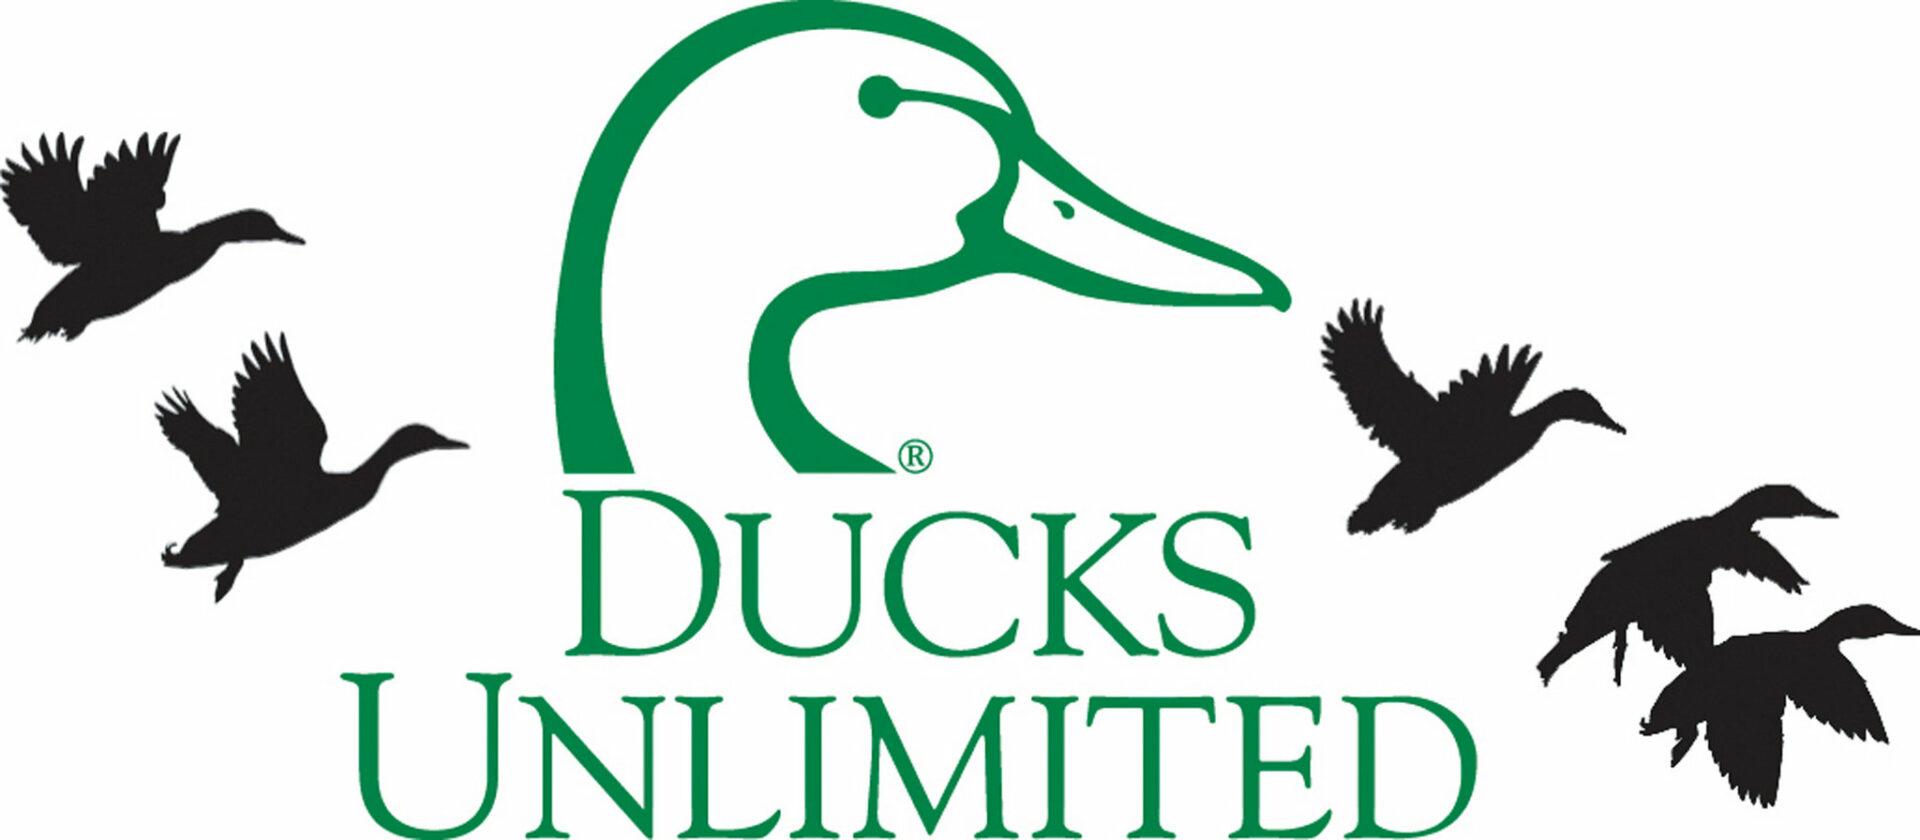 https://nolimitspencer.com/wp-content/uploads/2019/12/DU-Logo-scaled.jpg